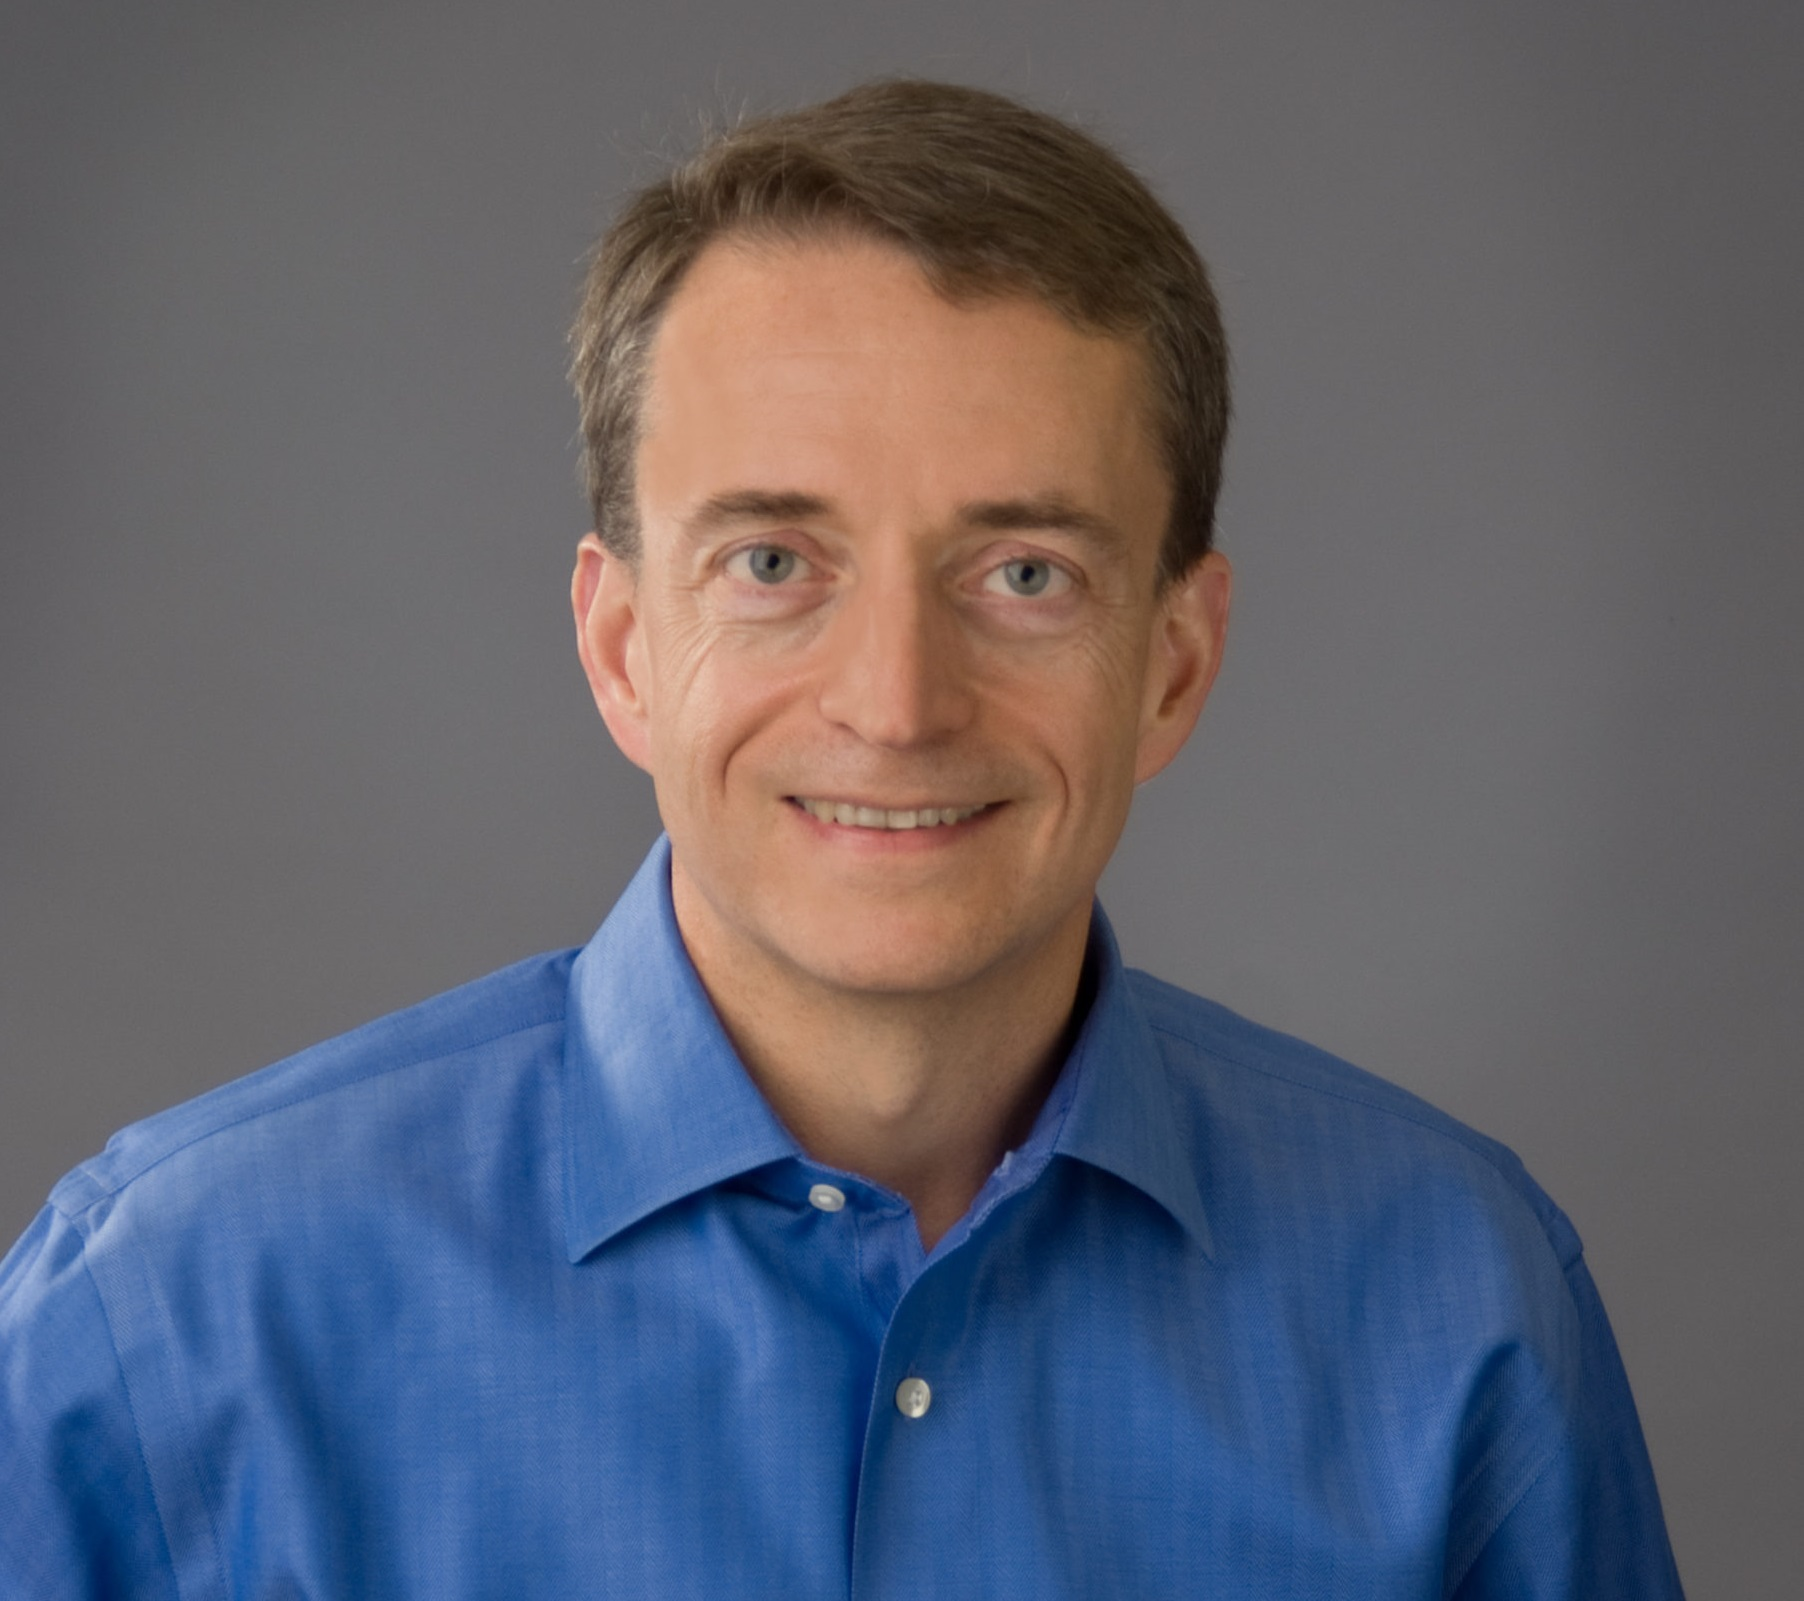 https://blog.newsandchips.com/2021/01/14/blg-img/Intel-Pat-Gelsinger-small.jpg